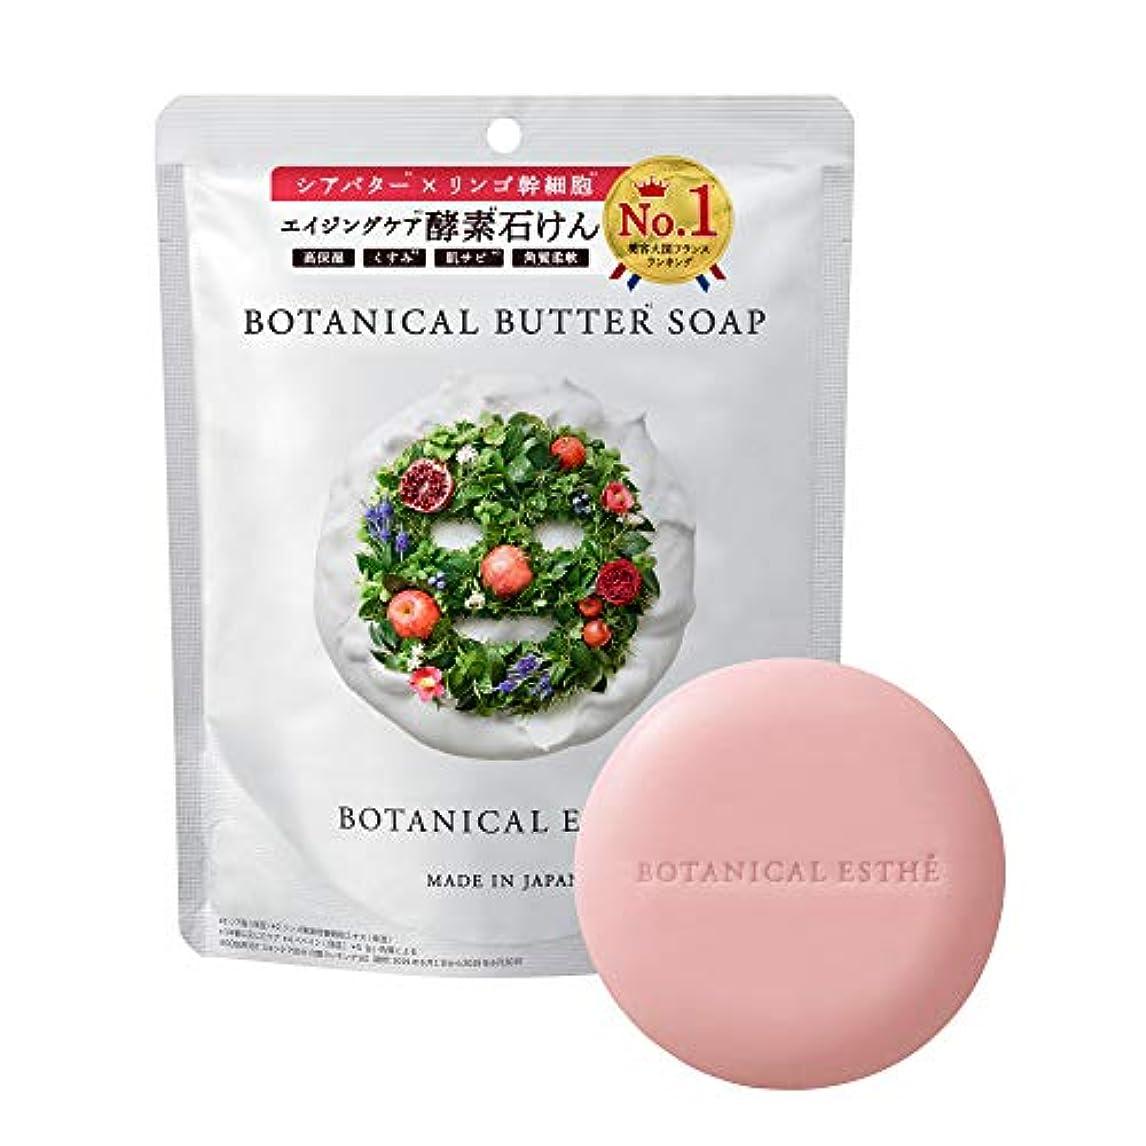 セットアップナンセンス不安定BOTANICAL ESTHE ボタニカルエステ 洗顔石鹸 バターソープ 80g